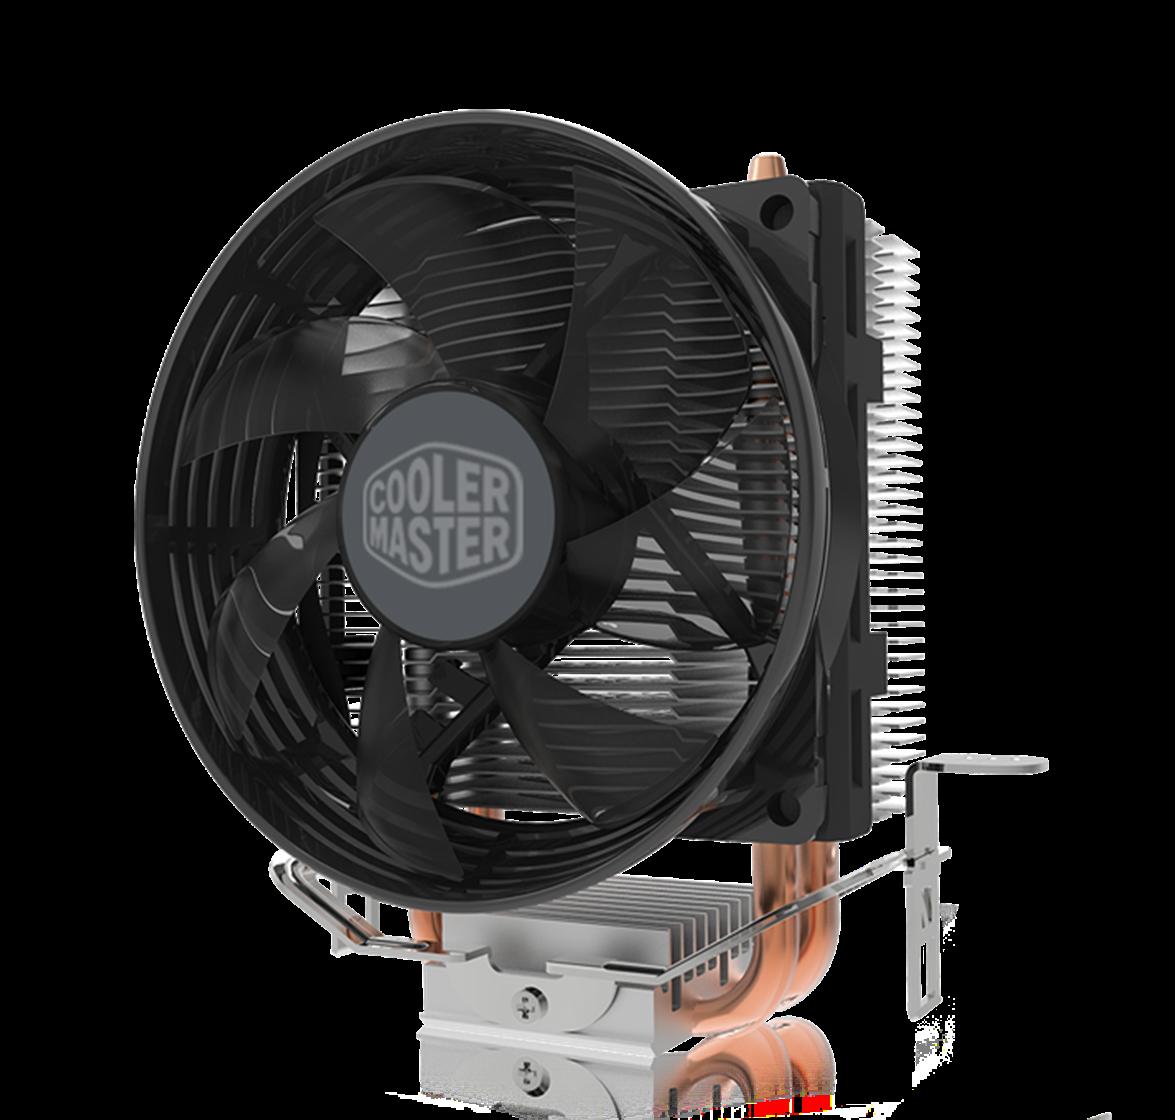 Hyper T20 CPU Cooler